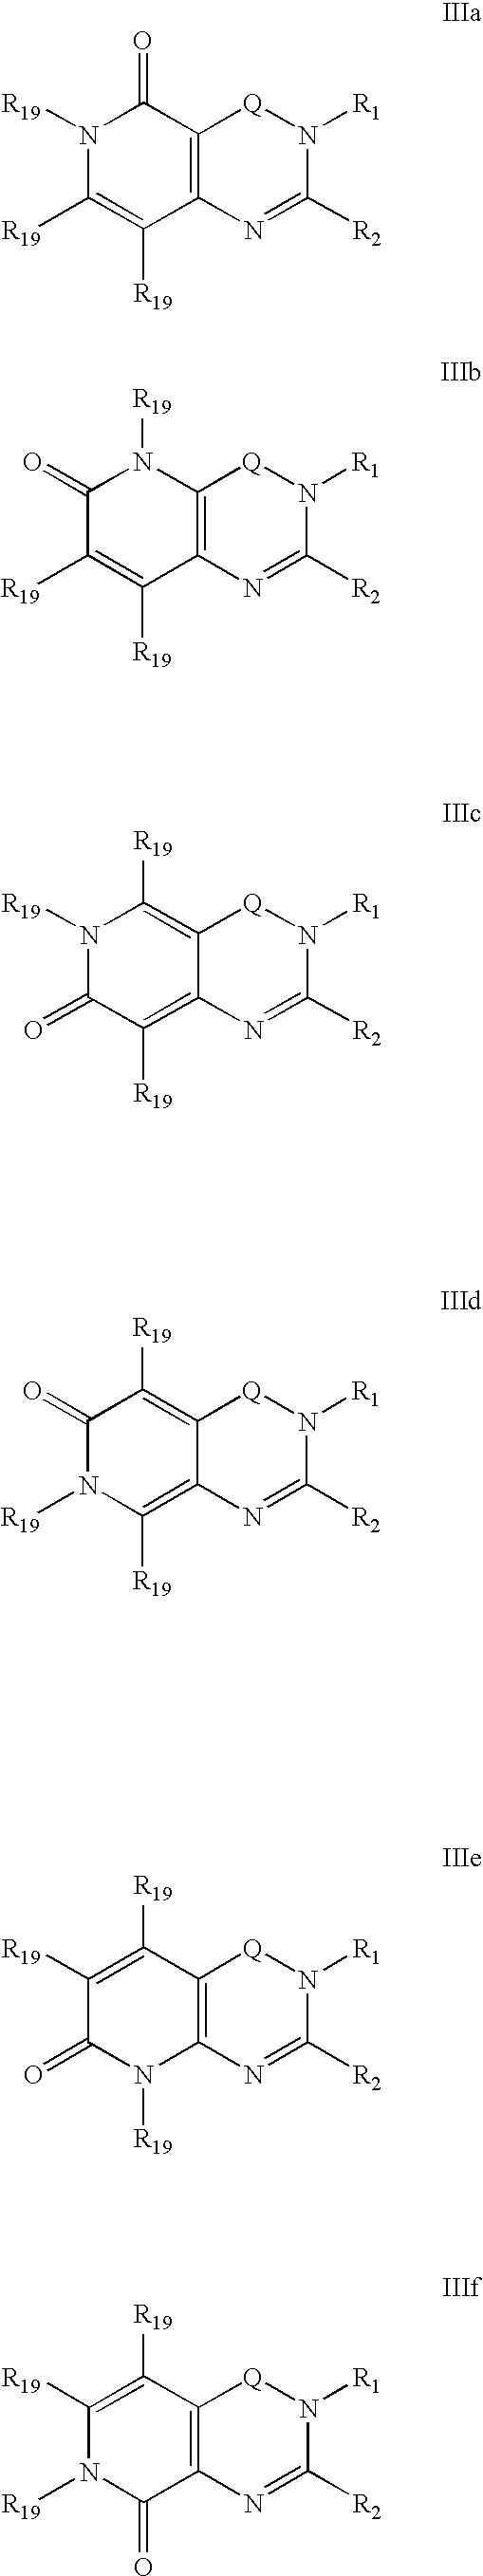 Figure US07687625-20100330-C00004